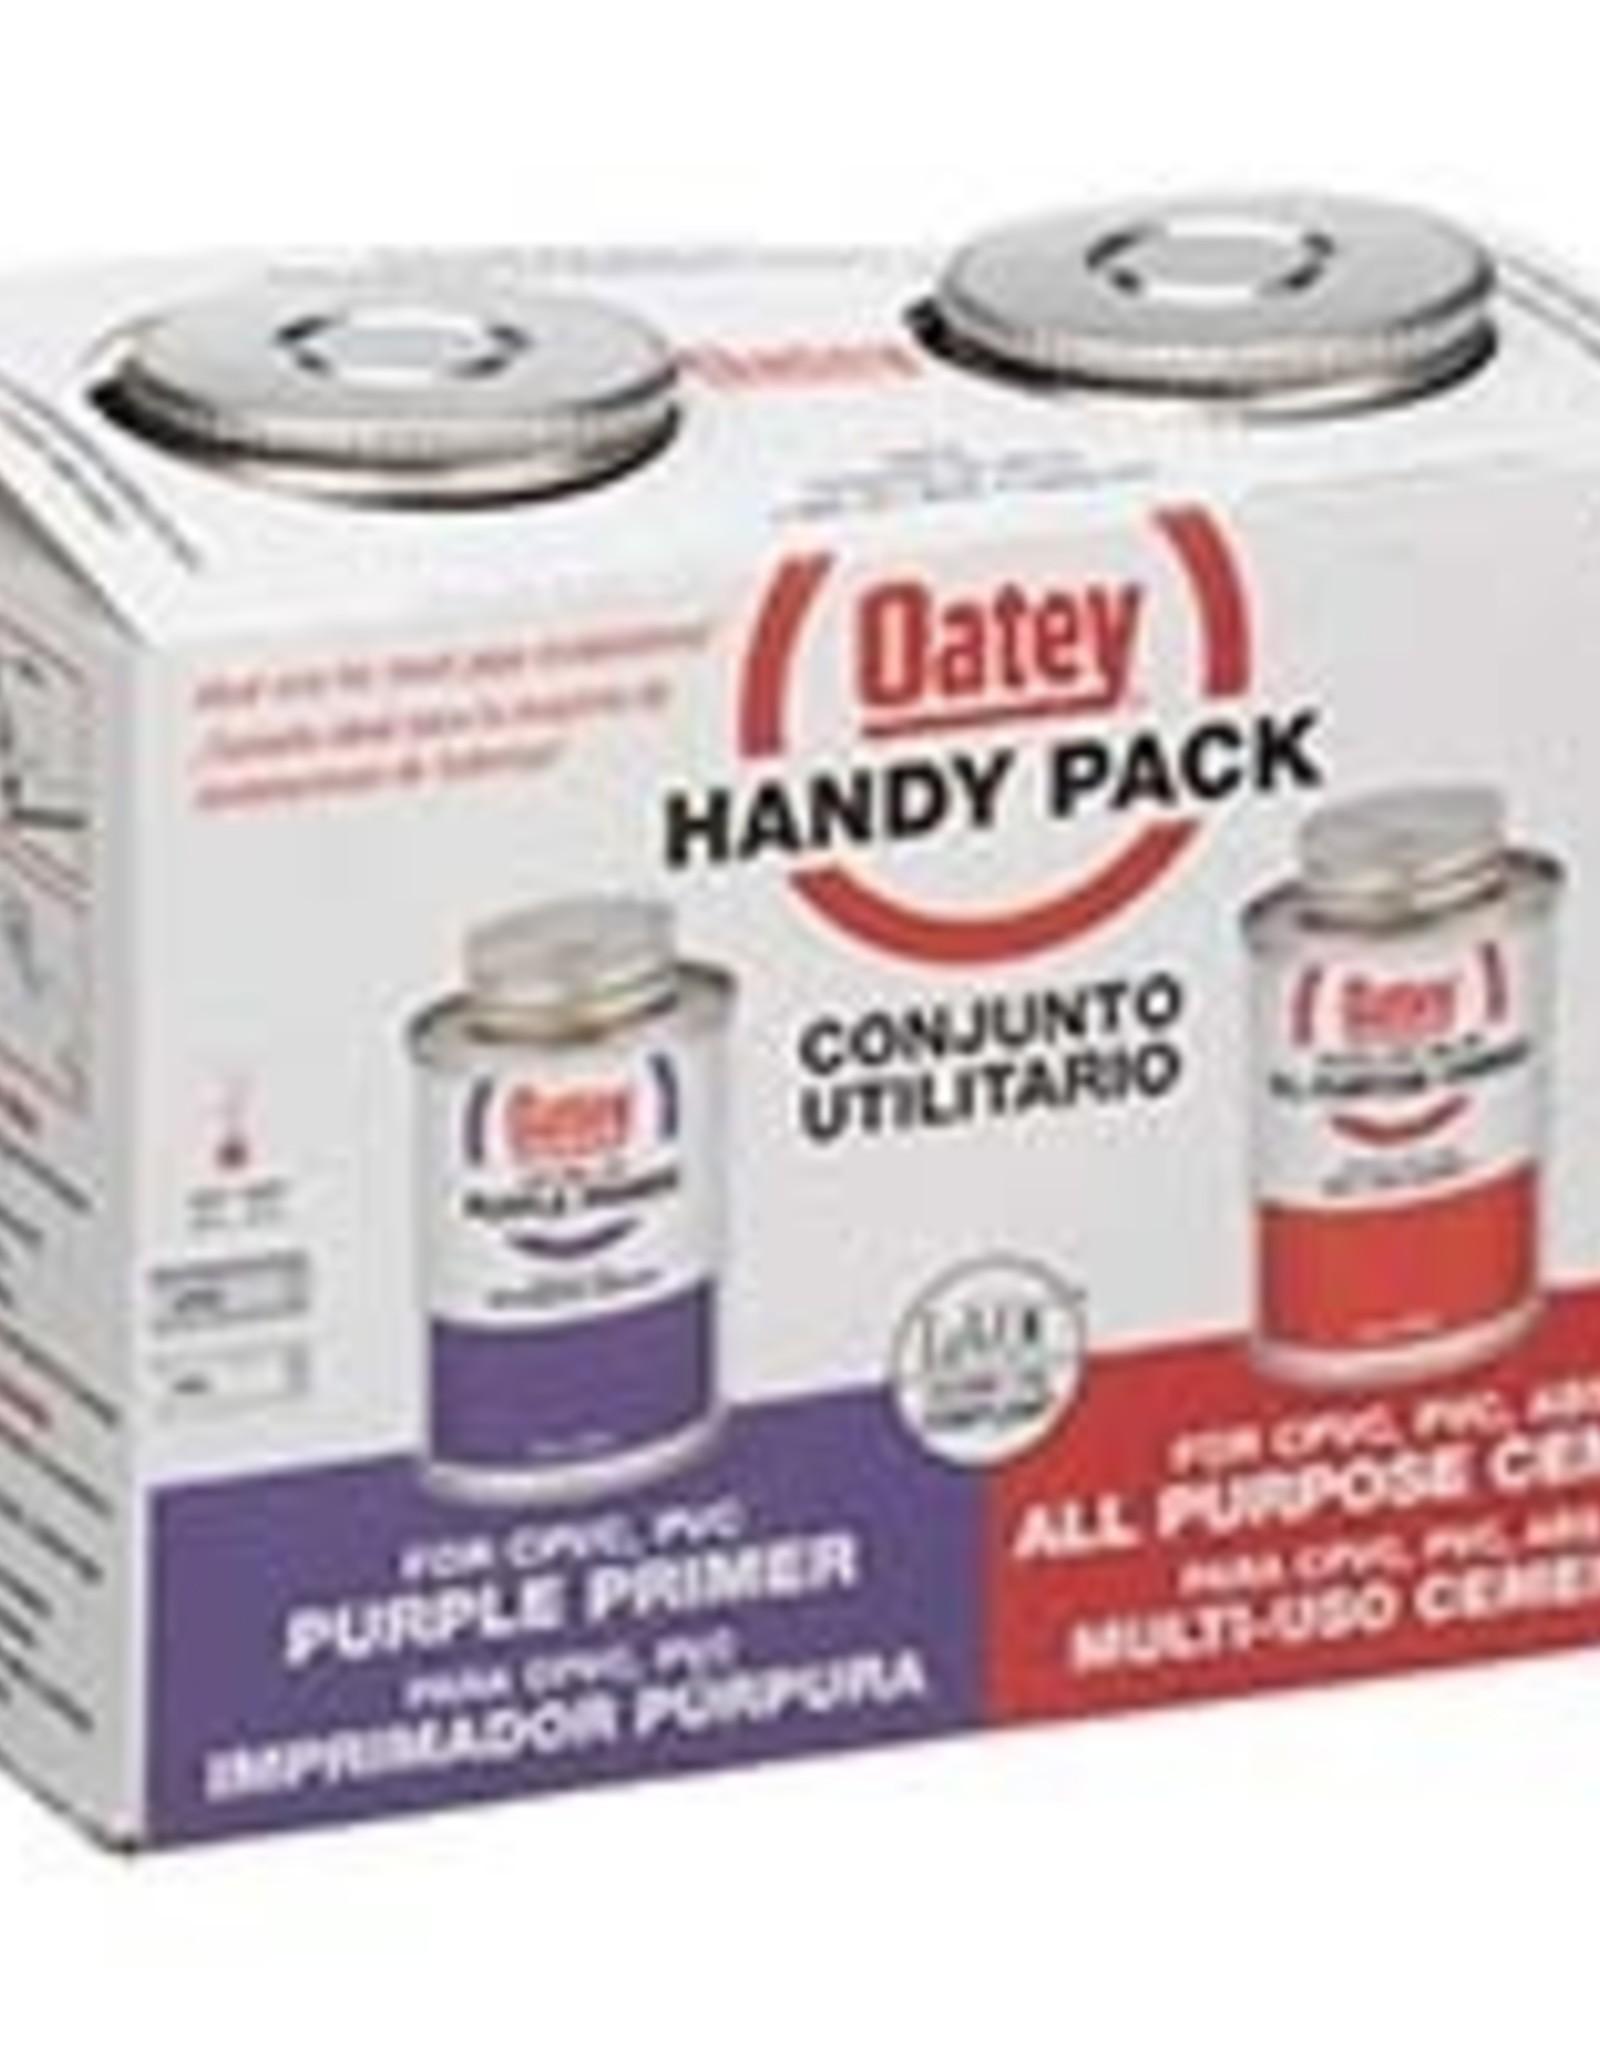 Oatey Oatey - Handy Pack (2) 4 oz PVC All Purpose Cement / Purple Primer